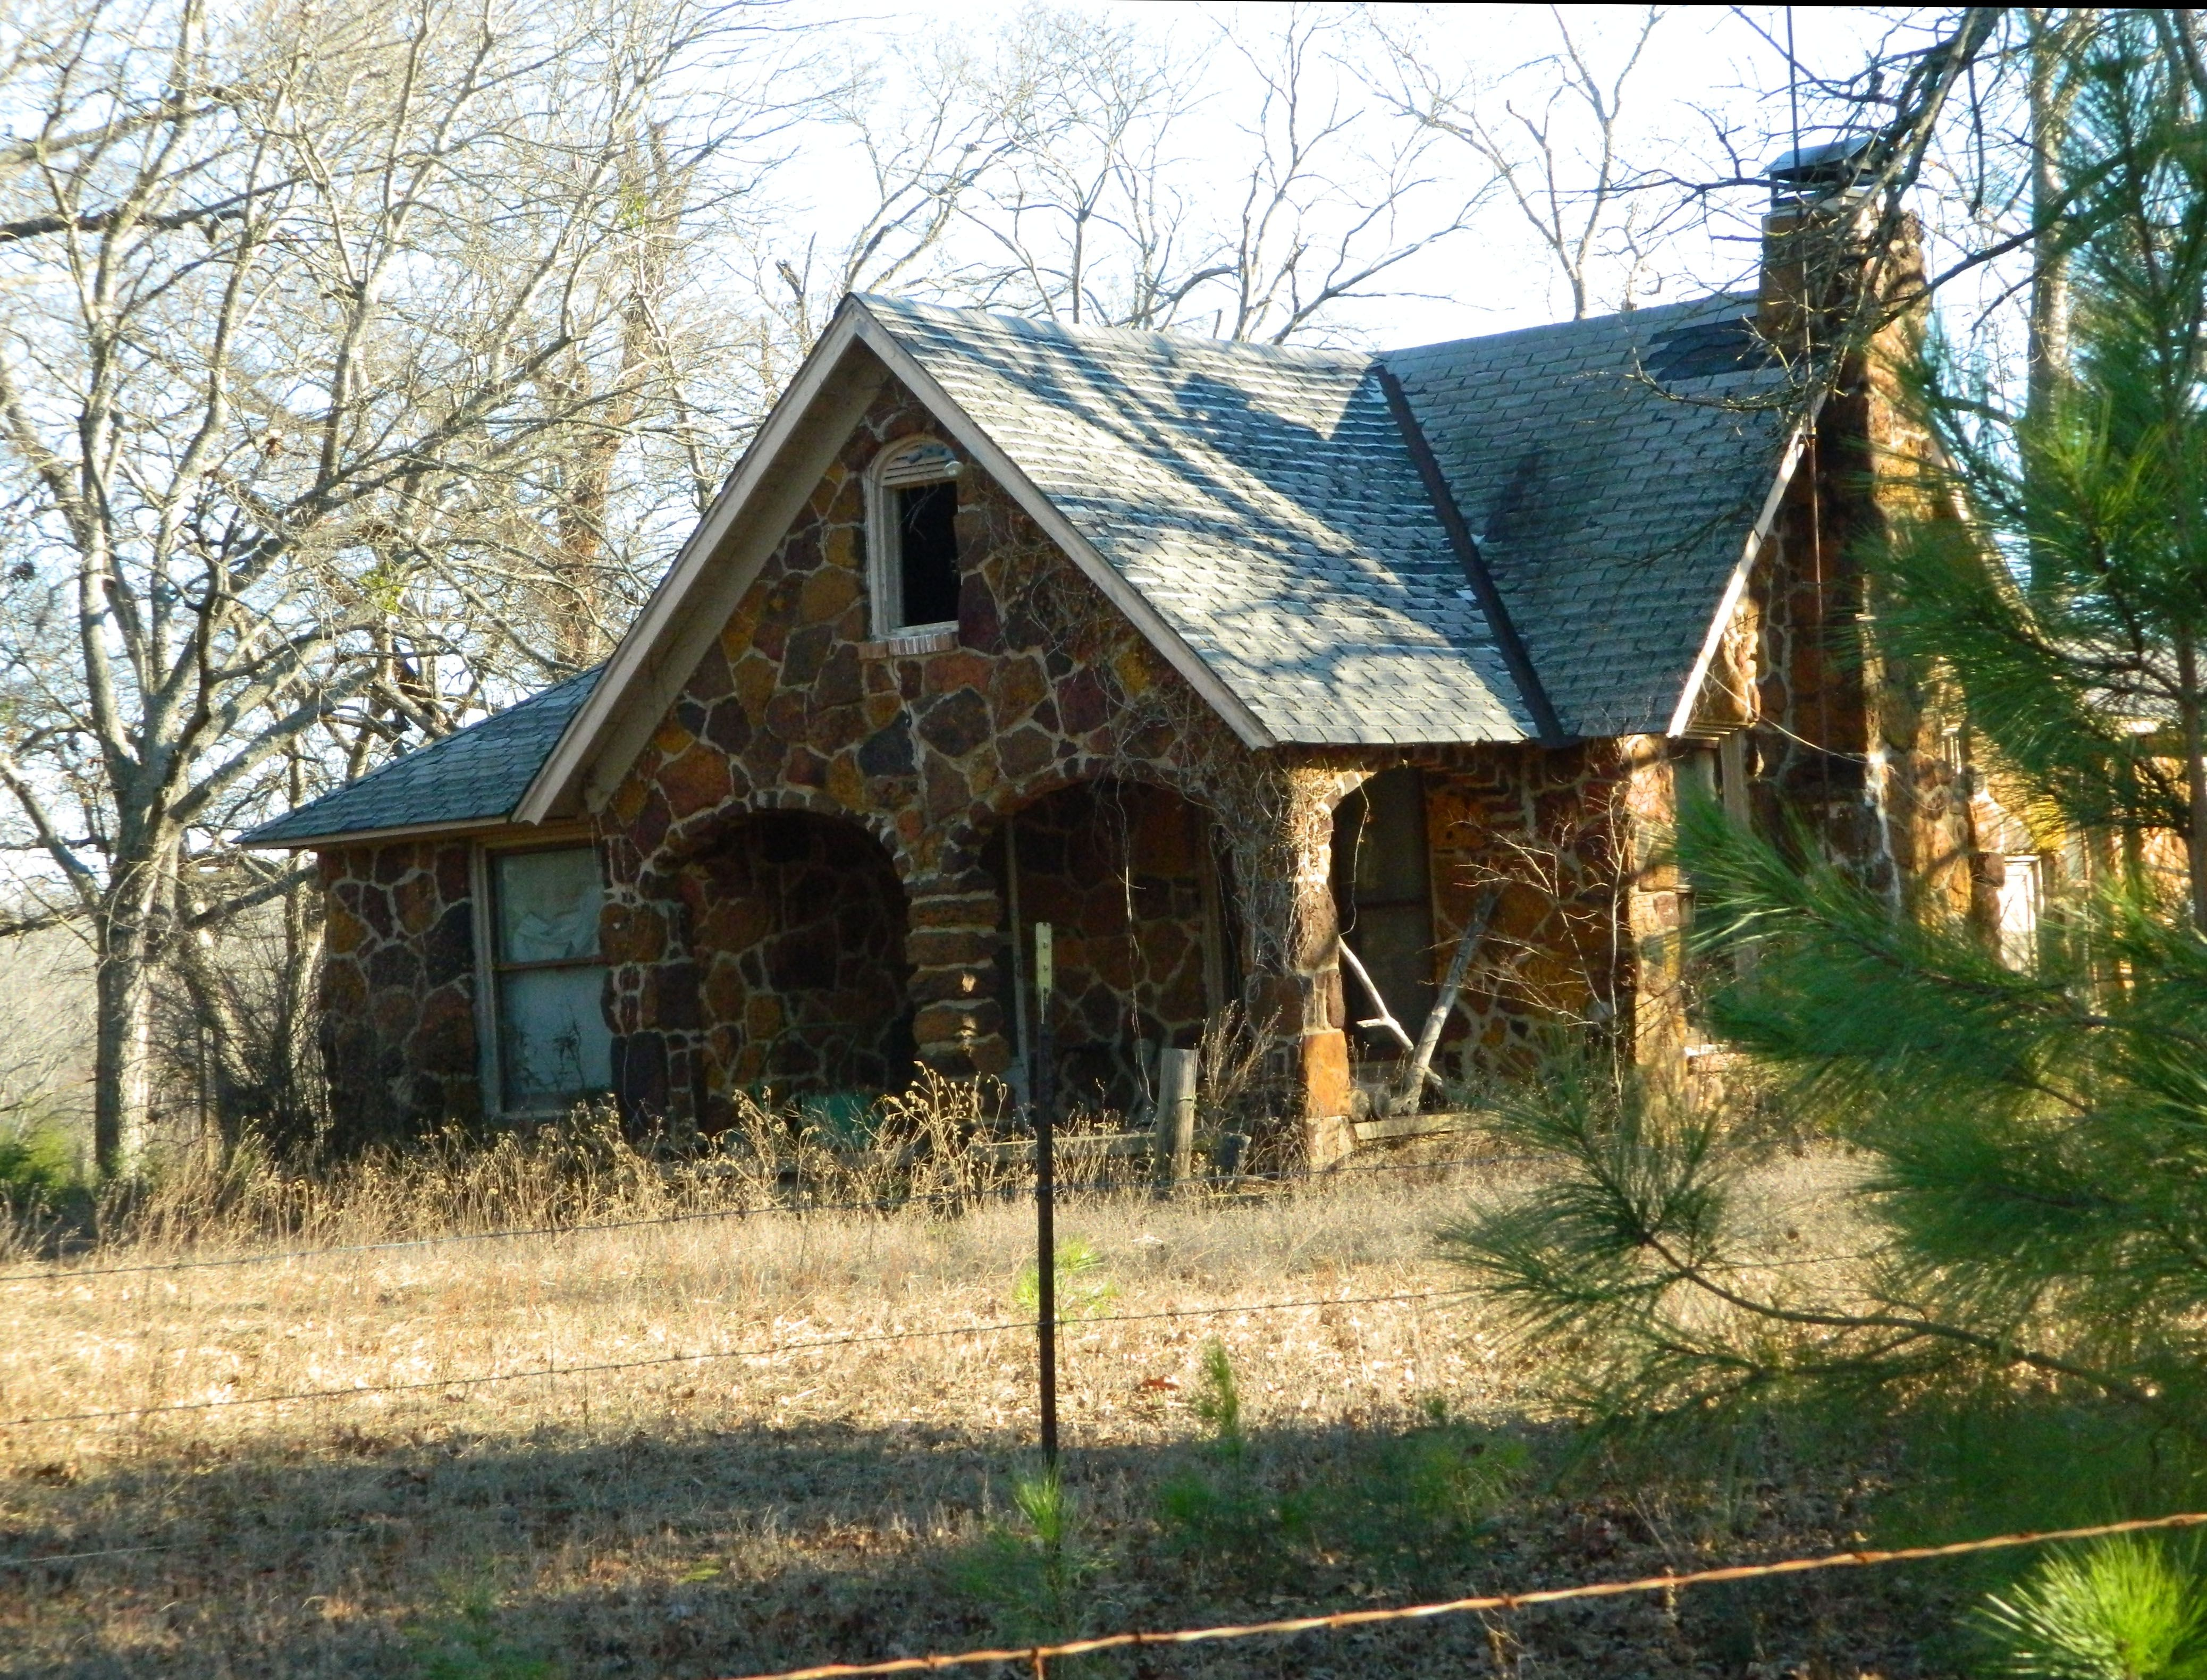 Old Home in Texas Casas abandonadas, Casas, Abandonado